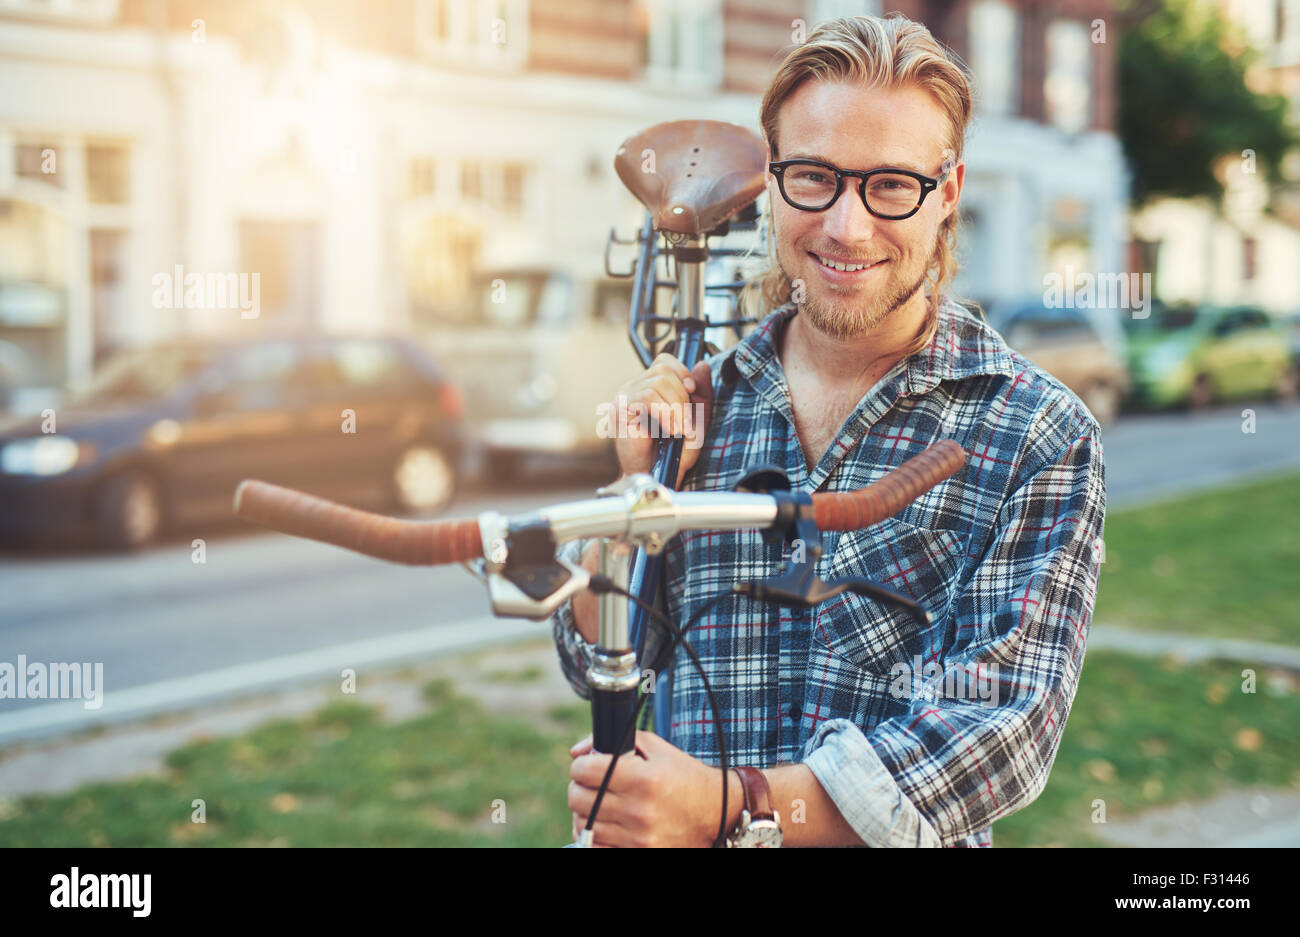 Joven de la vida de ciudad. Llevar bicicleta en su hombro. Retrato sonriente Imagen De Stock